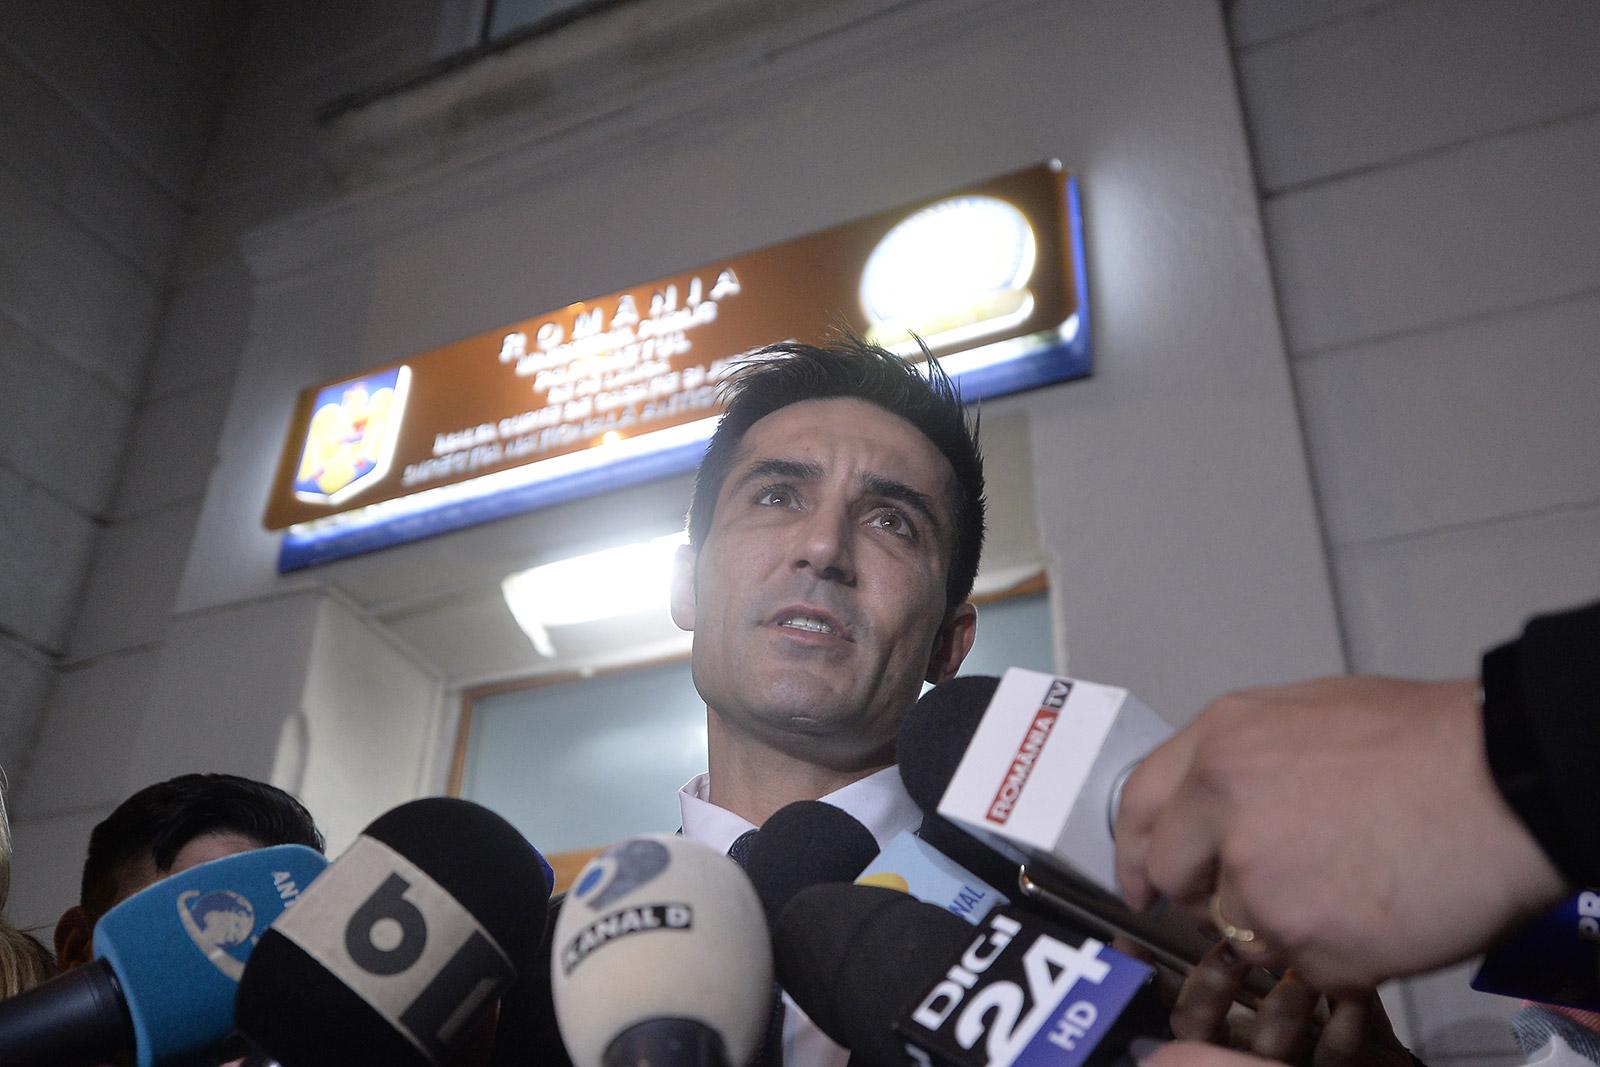 Claudiu Manda a fost audiat săptămâna trecută ca martor în dosarul Tel Drum / Foto: Mediafax Foto, Alexandru Dobre